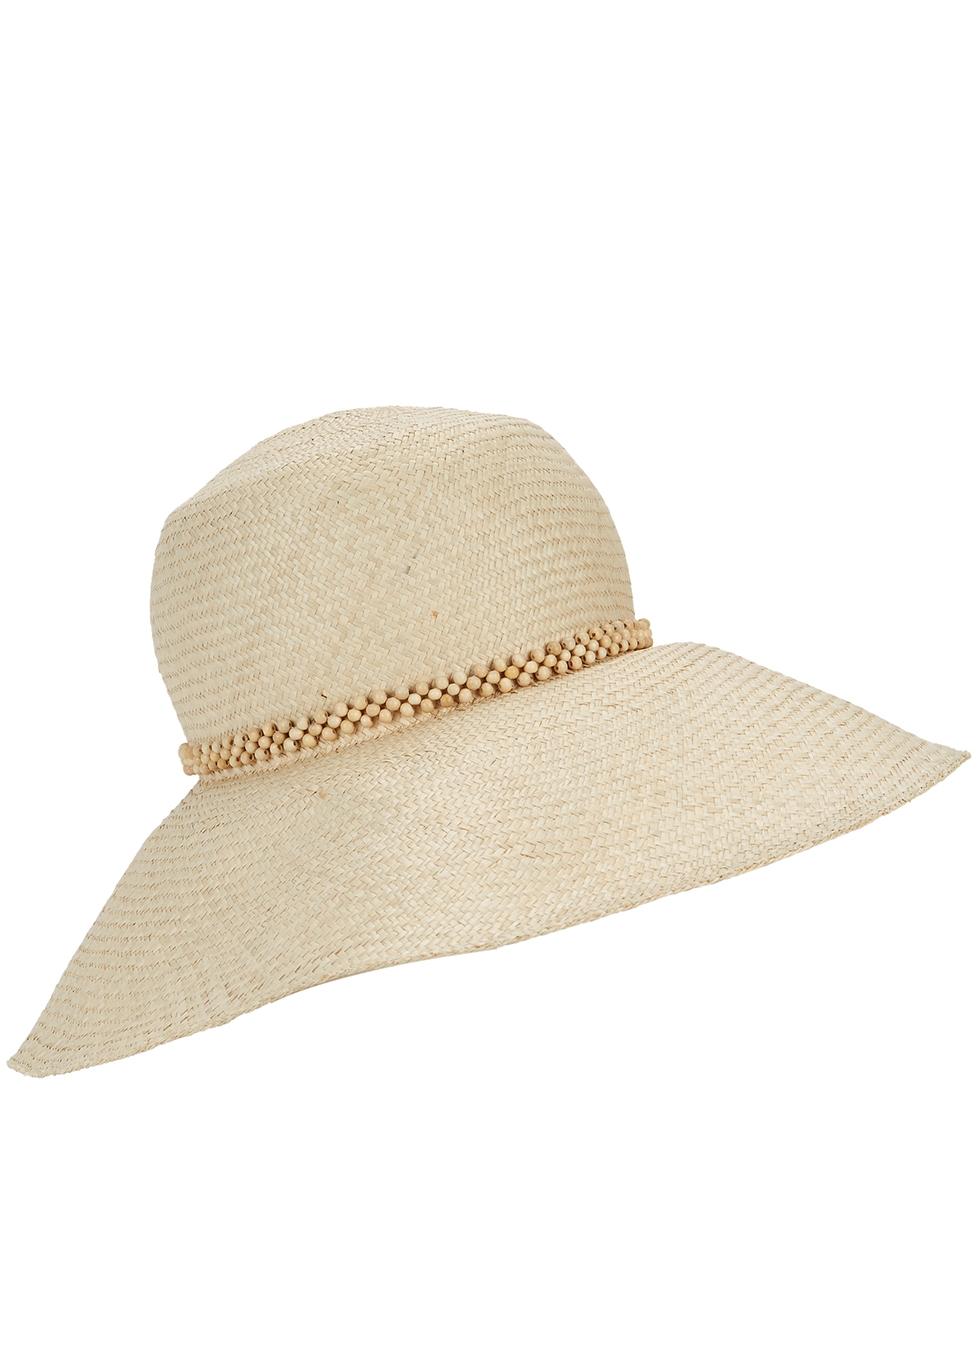 Sand woven straw wide-brim hat